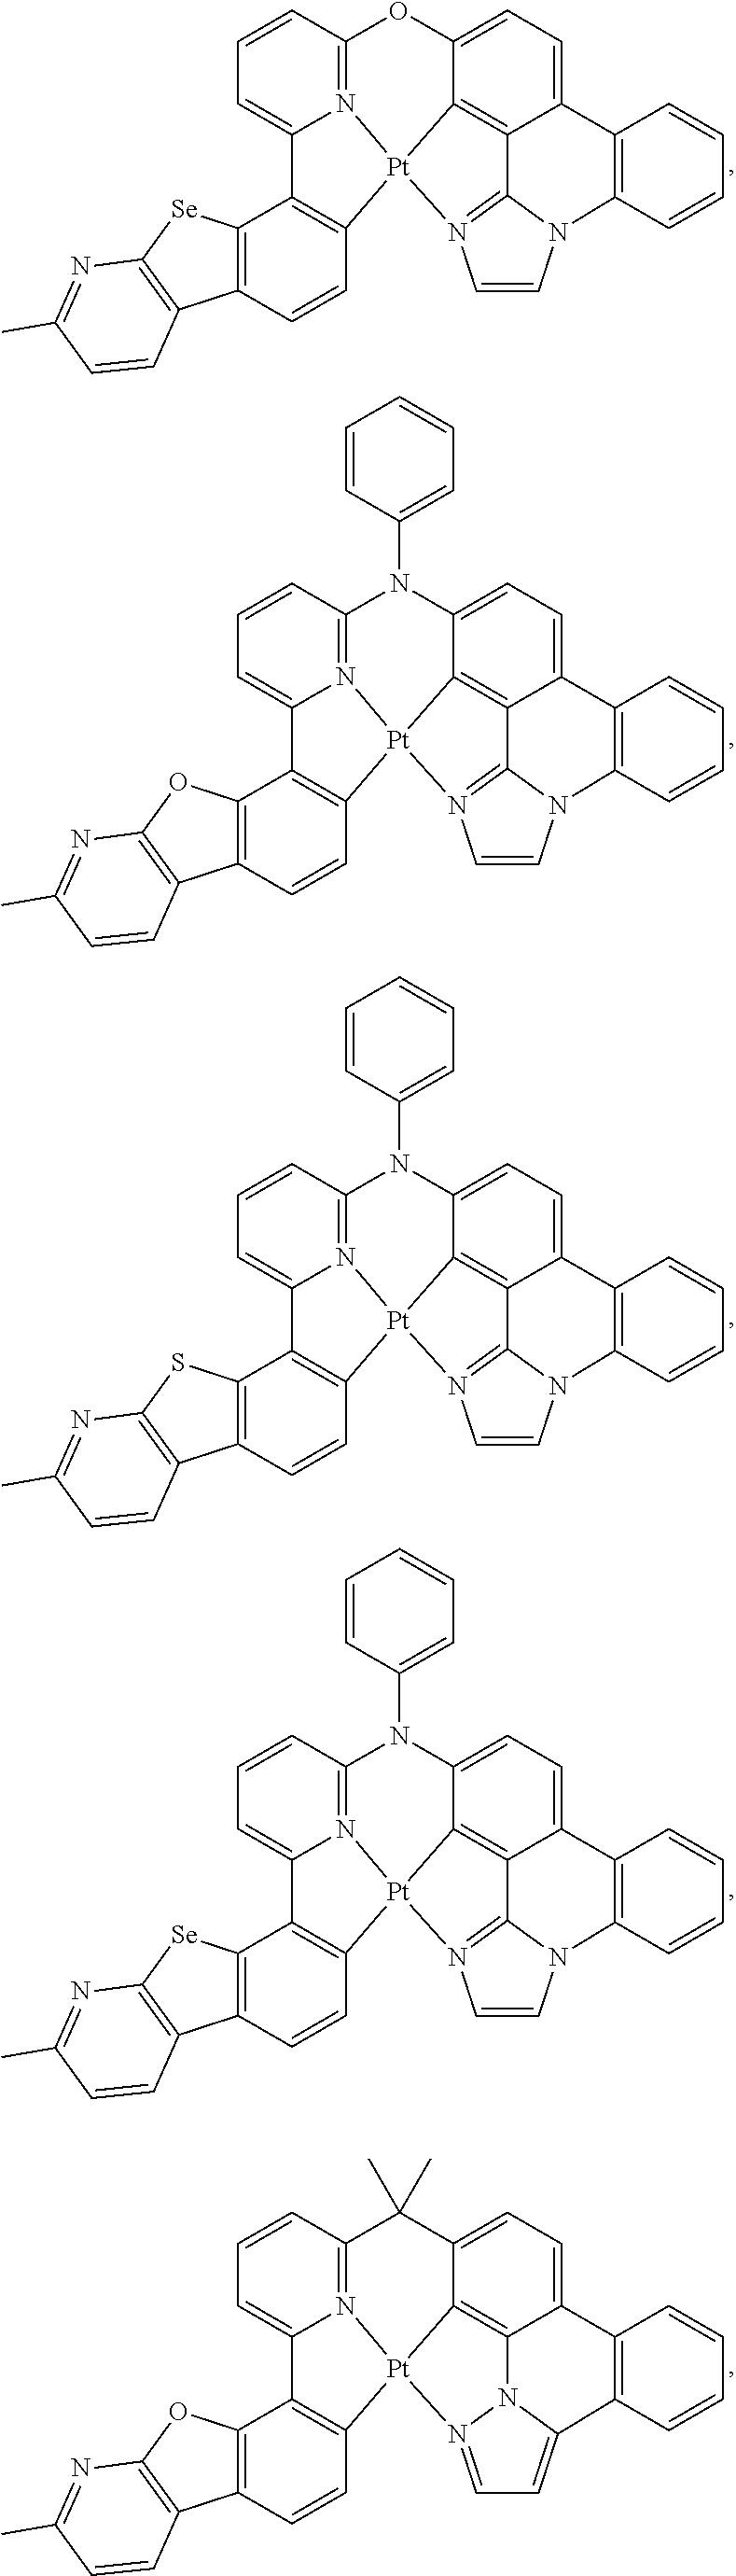 Figure US09871214-20180116-C00032